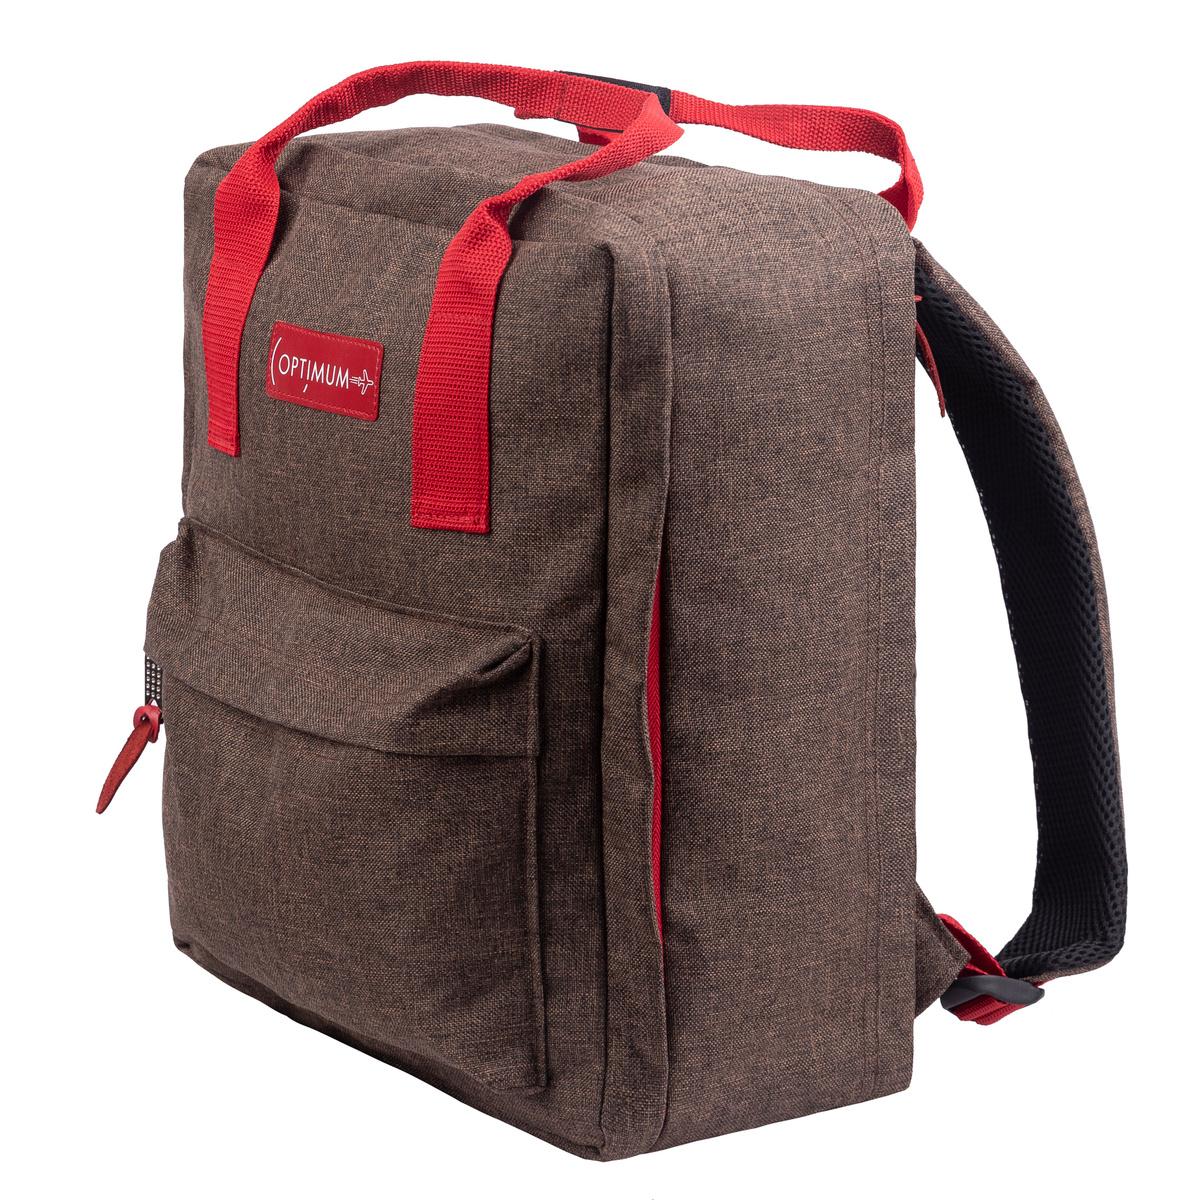 18fc7990cf87 Рюкзак Optimum Pobeda, коричневый — купить в интернет-магазине OZON.ru с  быстрой доставкой